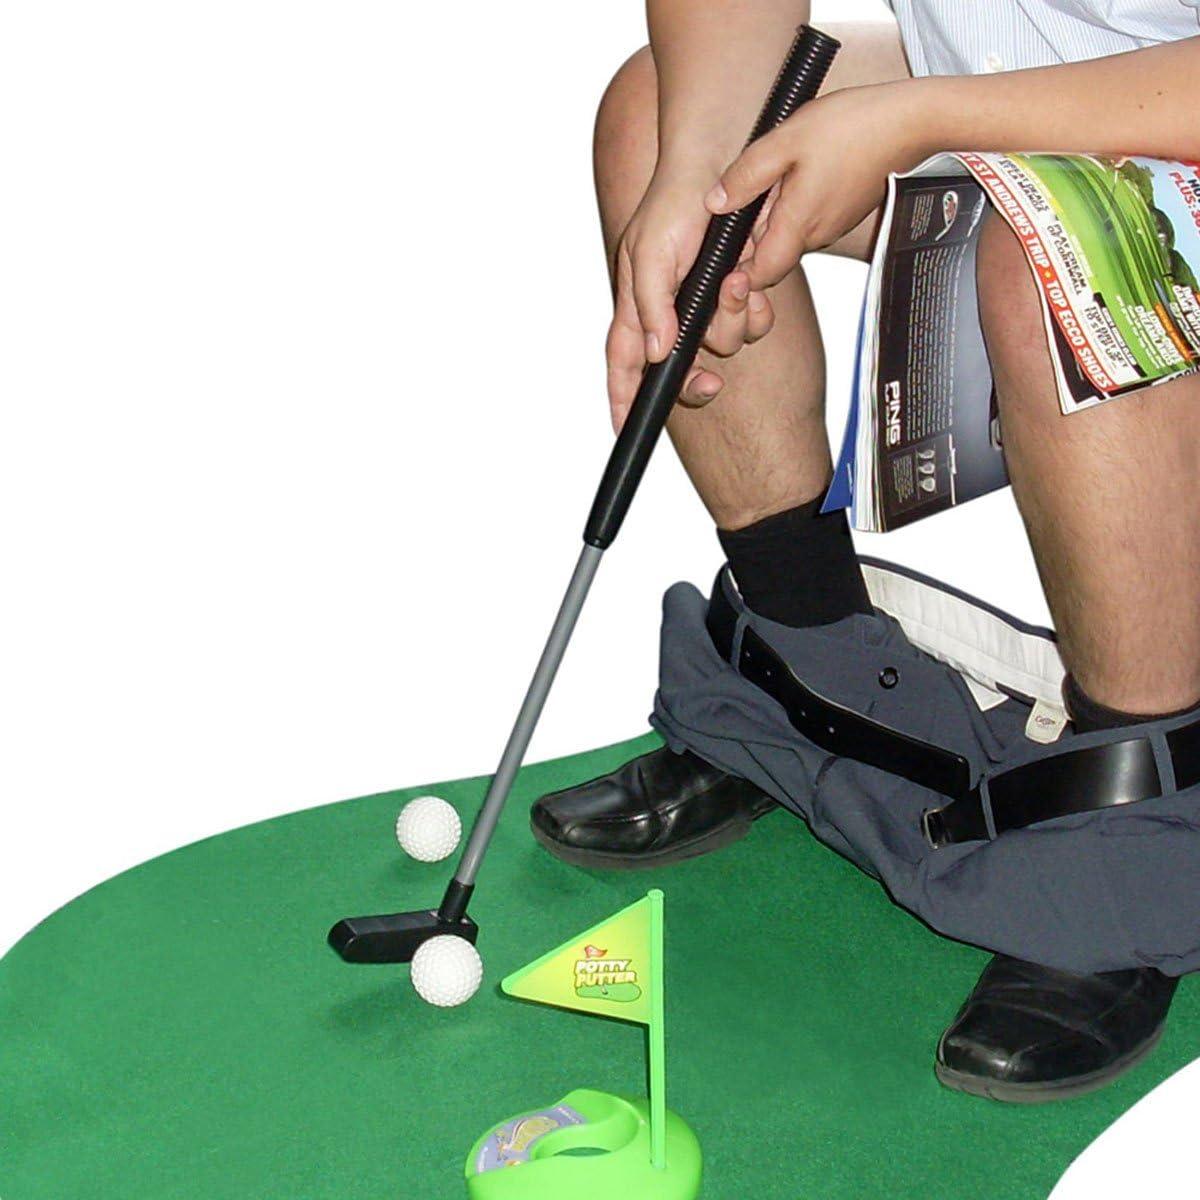 Juego de golf para el cuarto de baño, golf en el WC: Amazon.es: Hogar